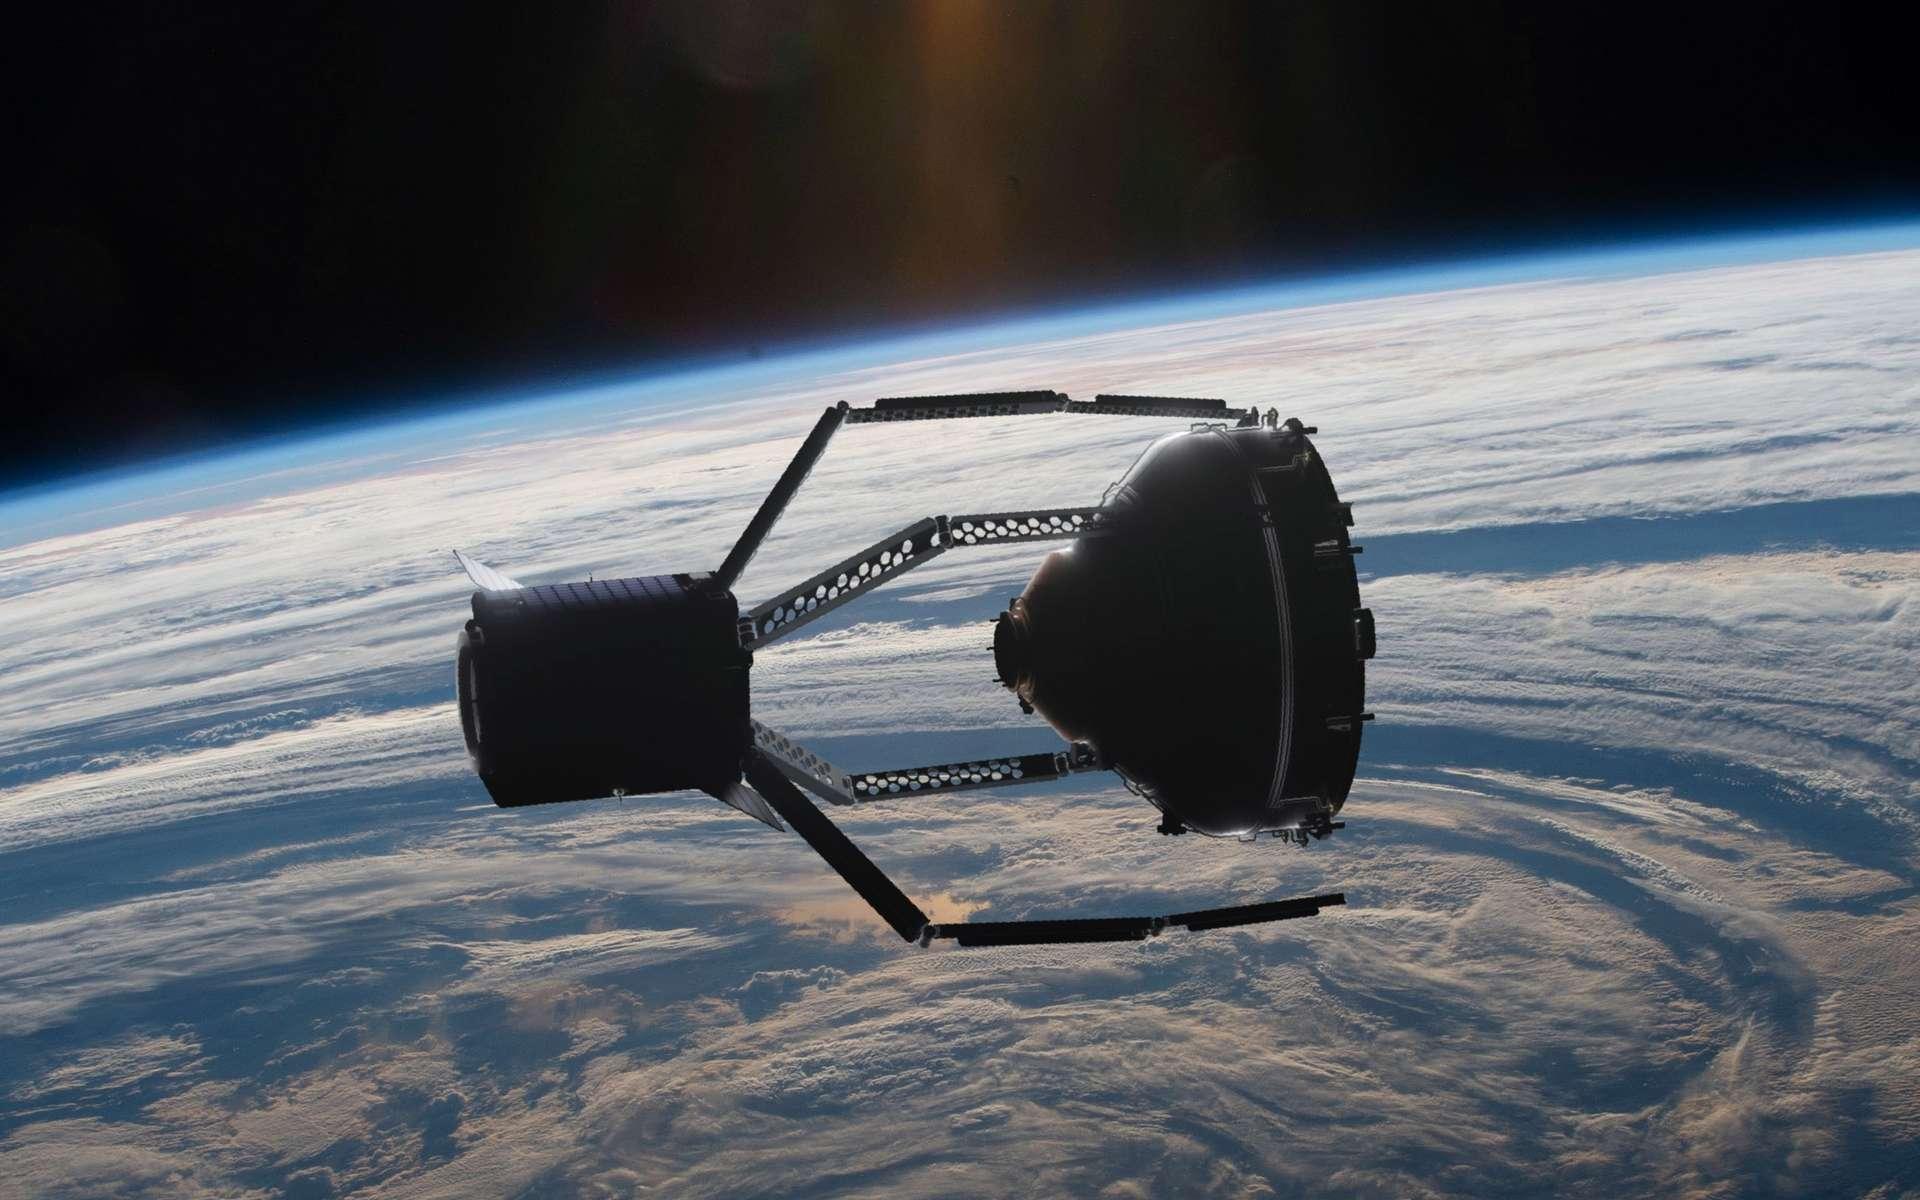 CleanSpace-1 en train de saisir avec sa pince géante un débris spatial. © ClearSpace SA